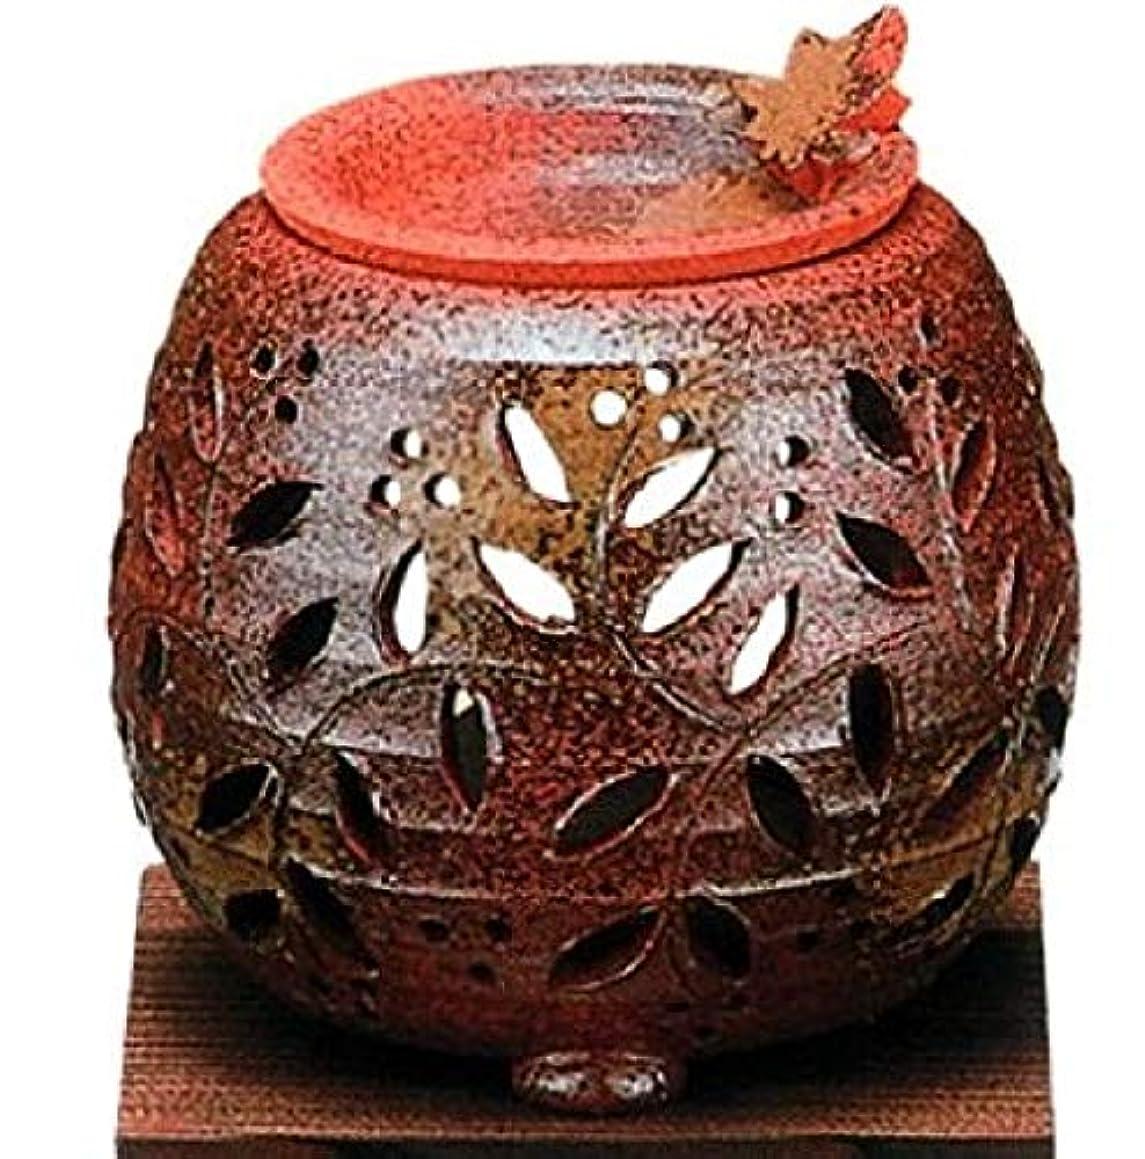 パーツボイコット激しい常滑焼?石龍窯 カ38-12 茶香炉 タデ花 焼杉板付 約φ11×11cm